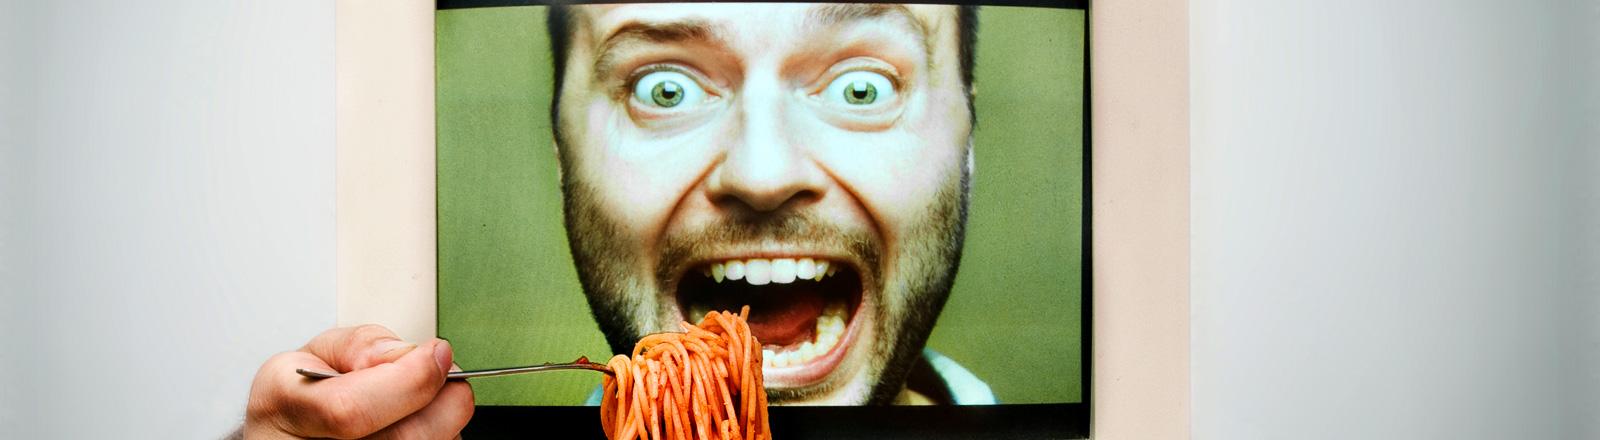 Ein Computer mit dem Gesicht eines Mannes, davor steht ein Teller mit Spaghetti, daneben zwei Hände, die Spaghetti in den Mund schieben.